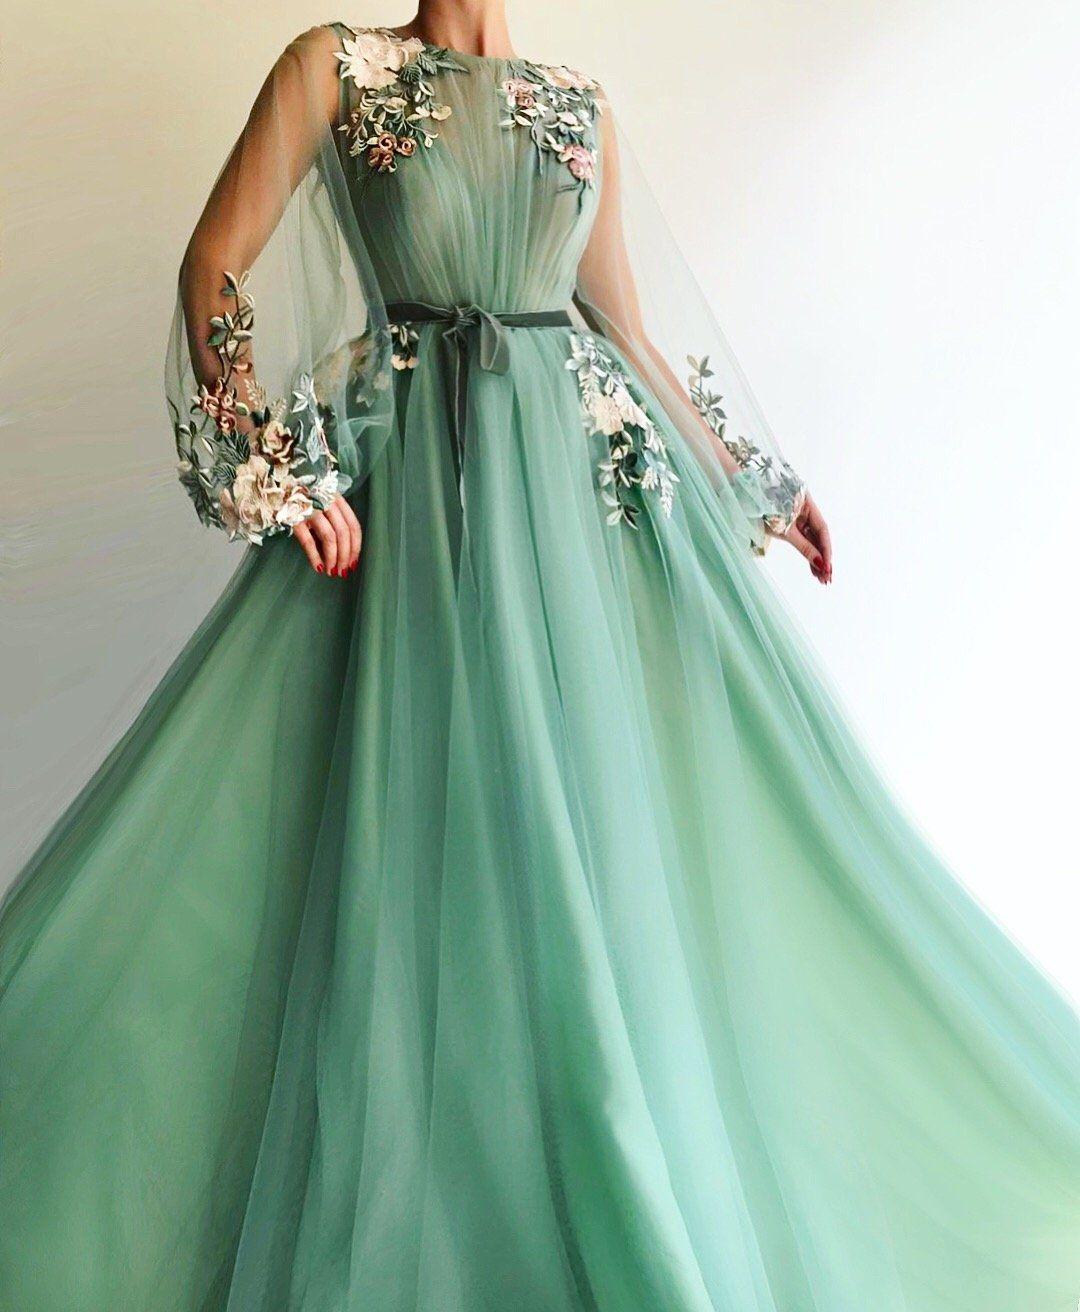 Pin On Dress [ 1312 x 1080 Pixel ]